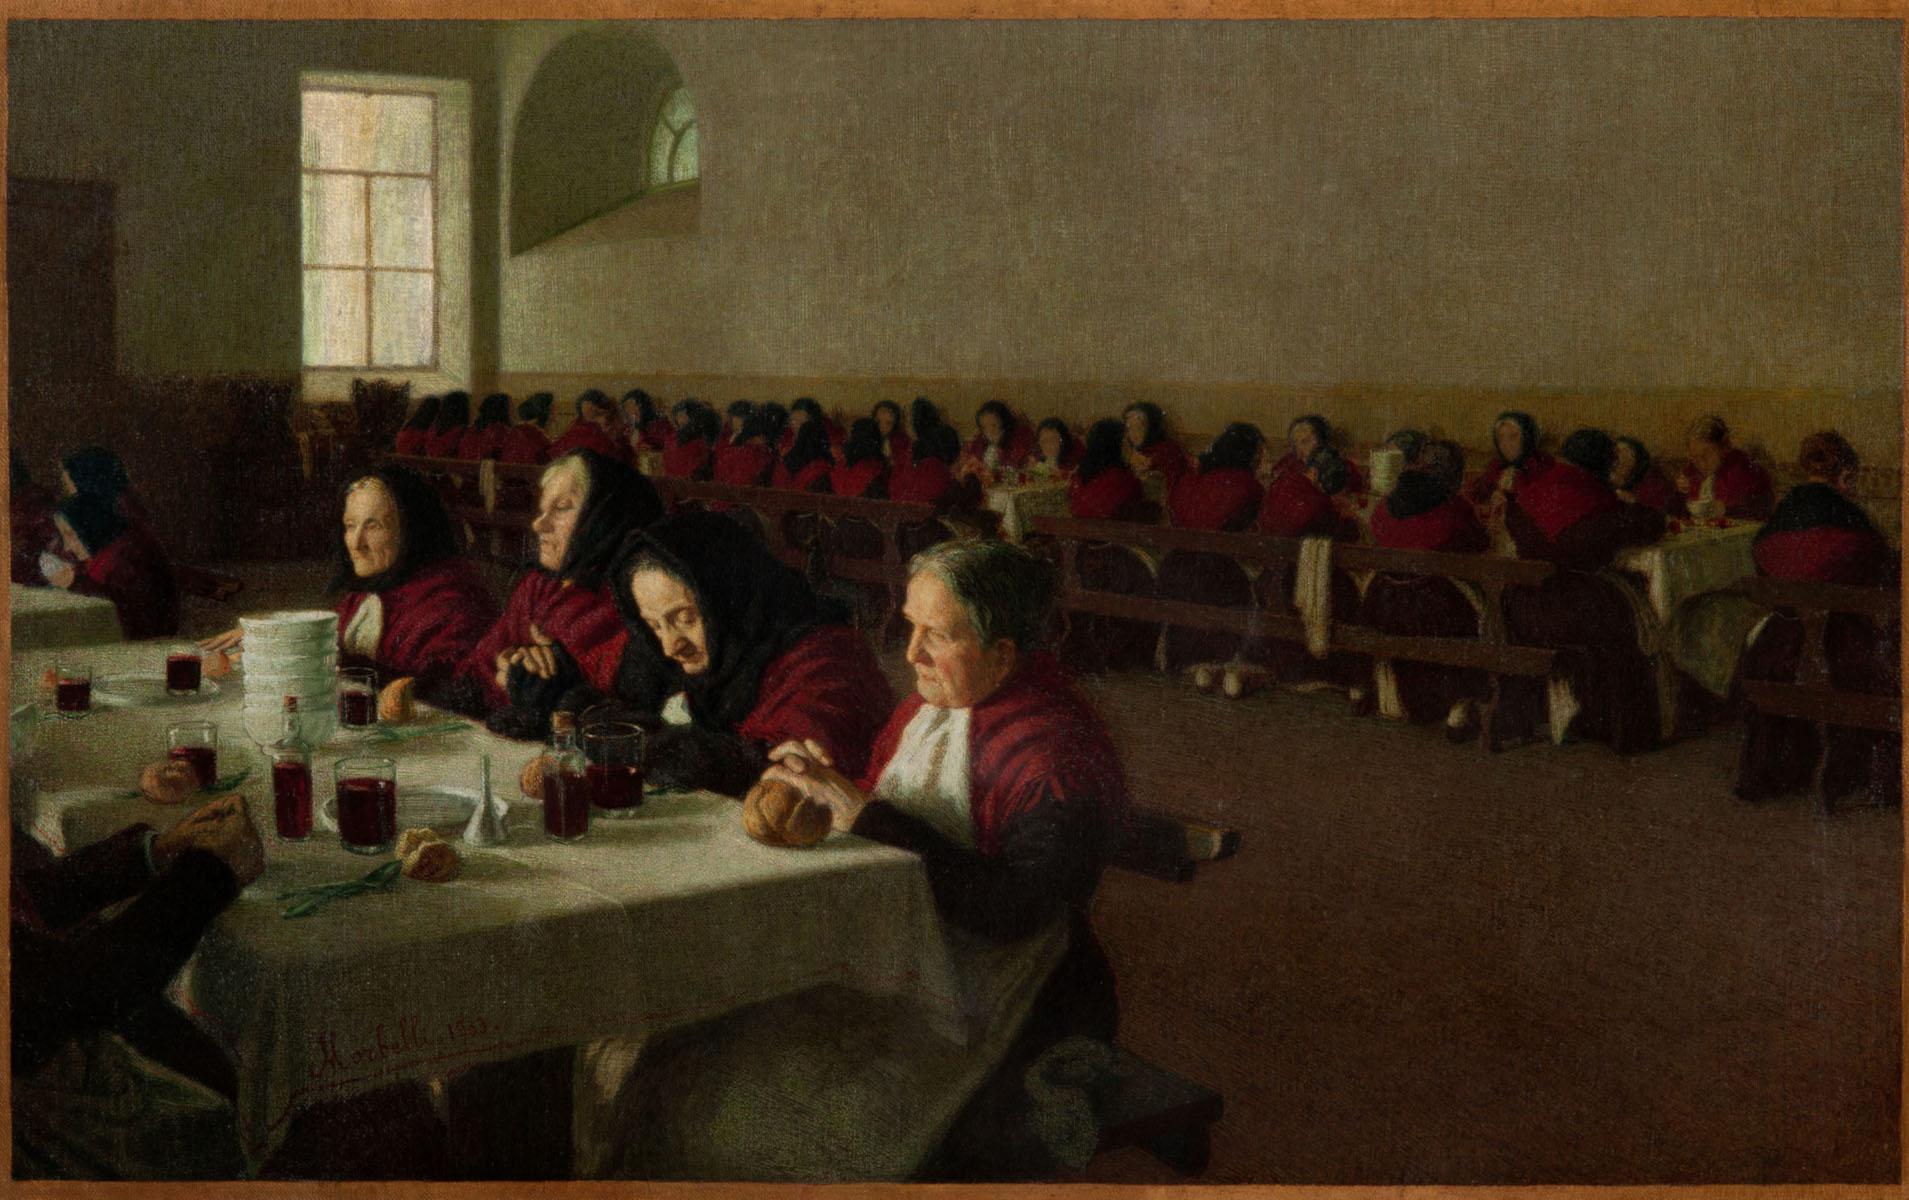 """Angelo Morbelli, Mi ricordo quand'ero fanciulla (Entremets) (1903; olio su tela, 71 x 112 cm; Tortona, """"Il Divisionismo"""" Pinacoteca Fondazione C. R. Tortona)"""